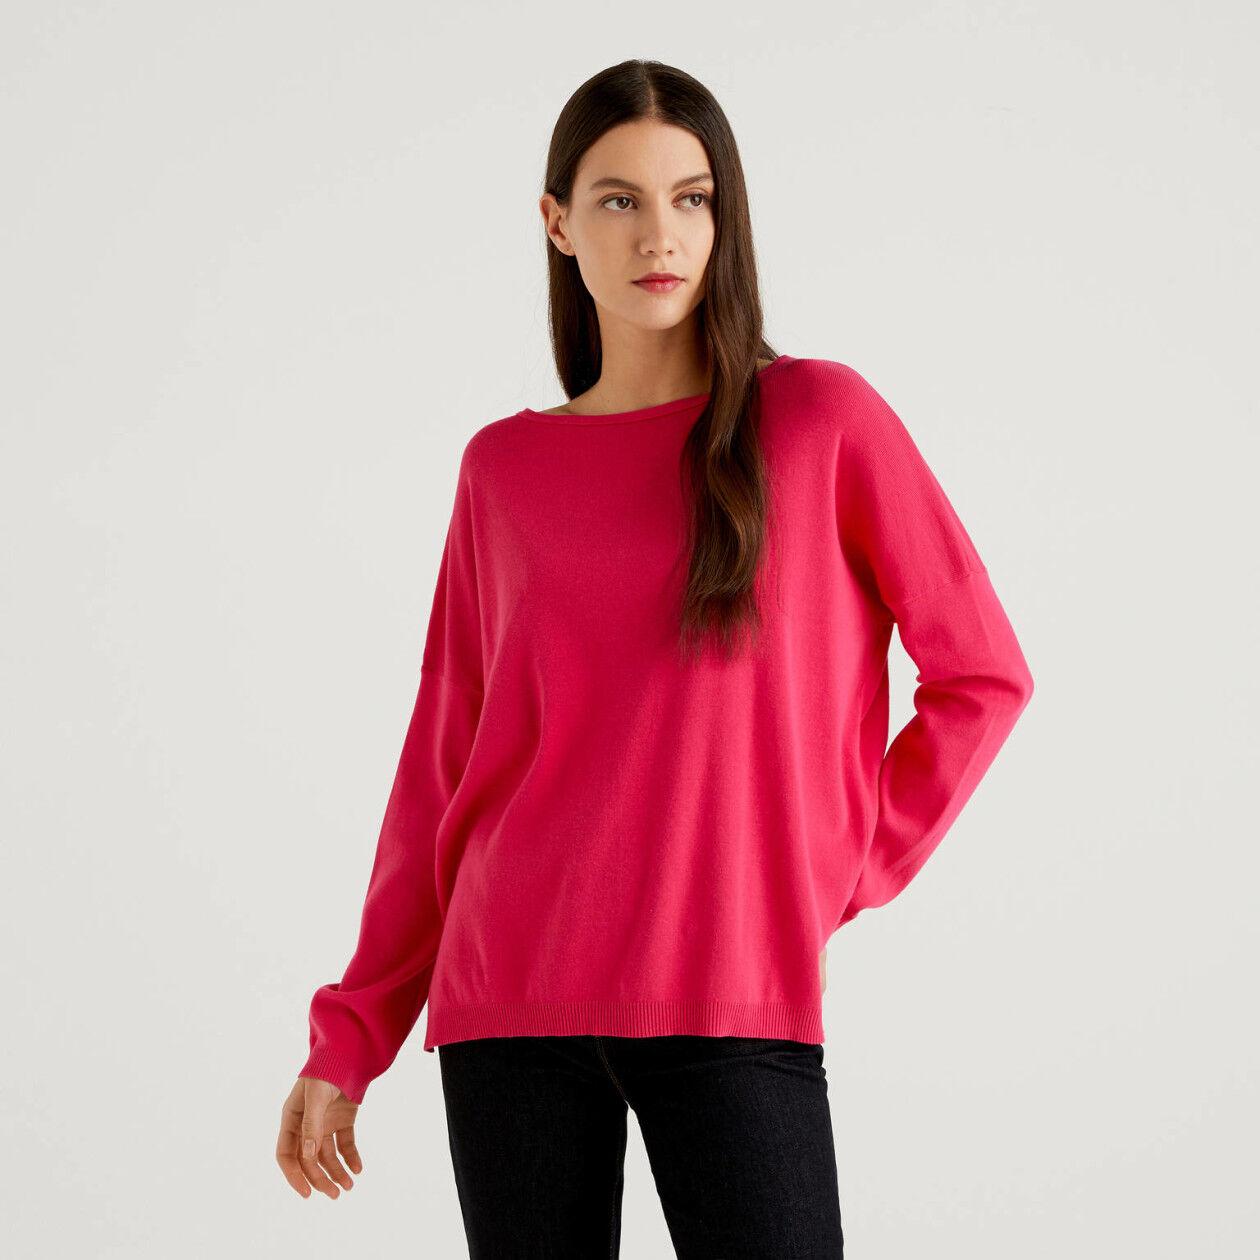 Round neck sweater in cotton